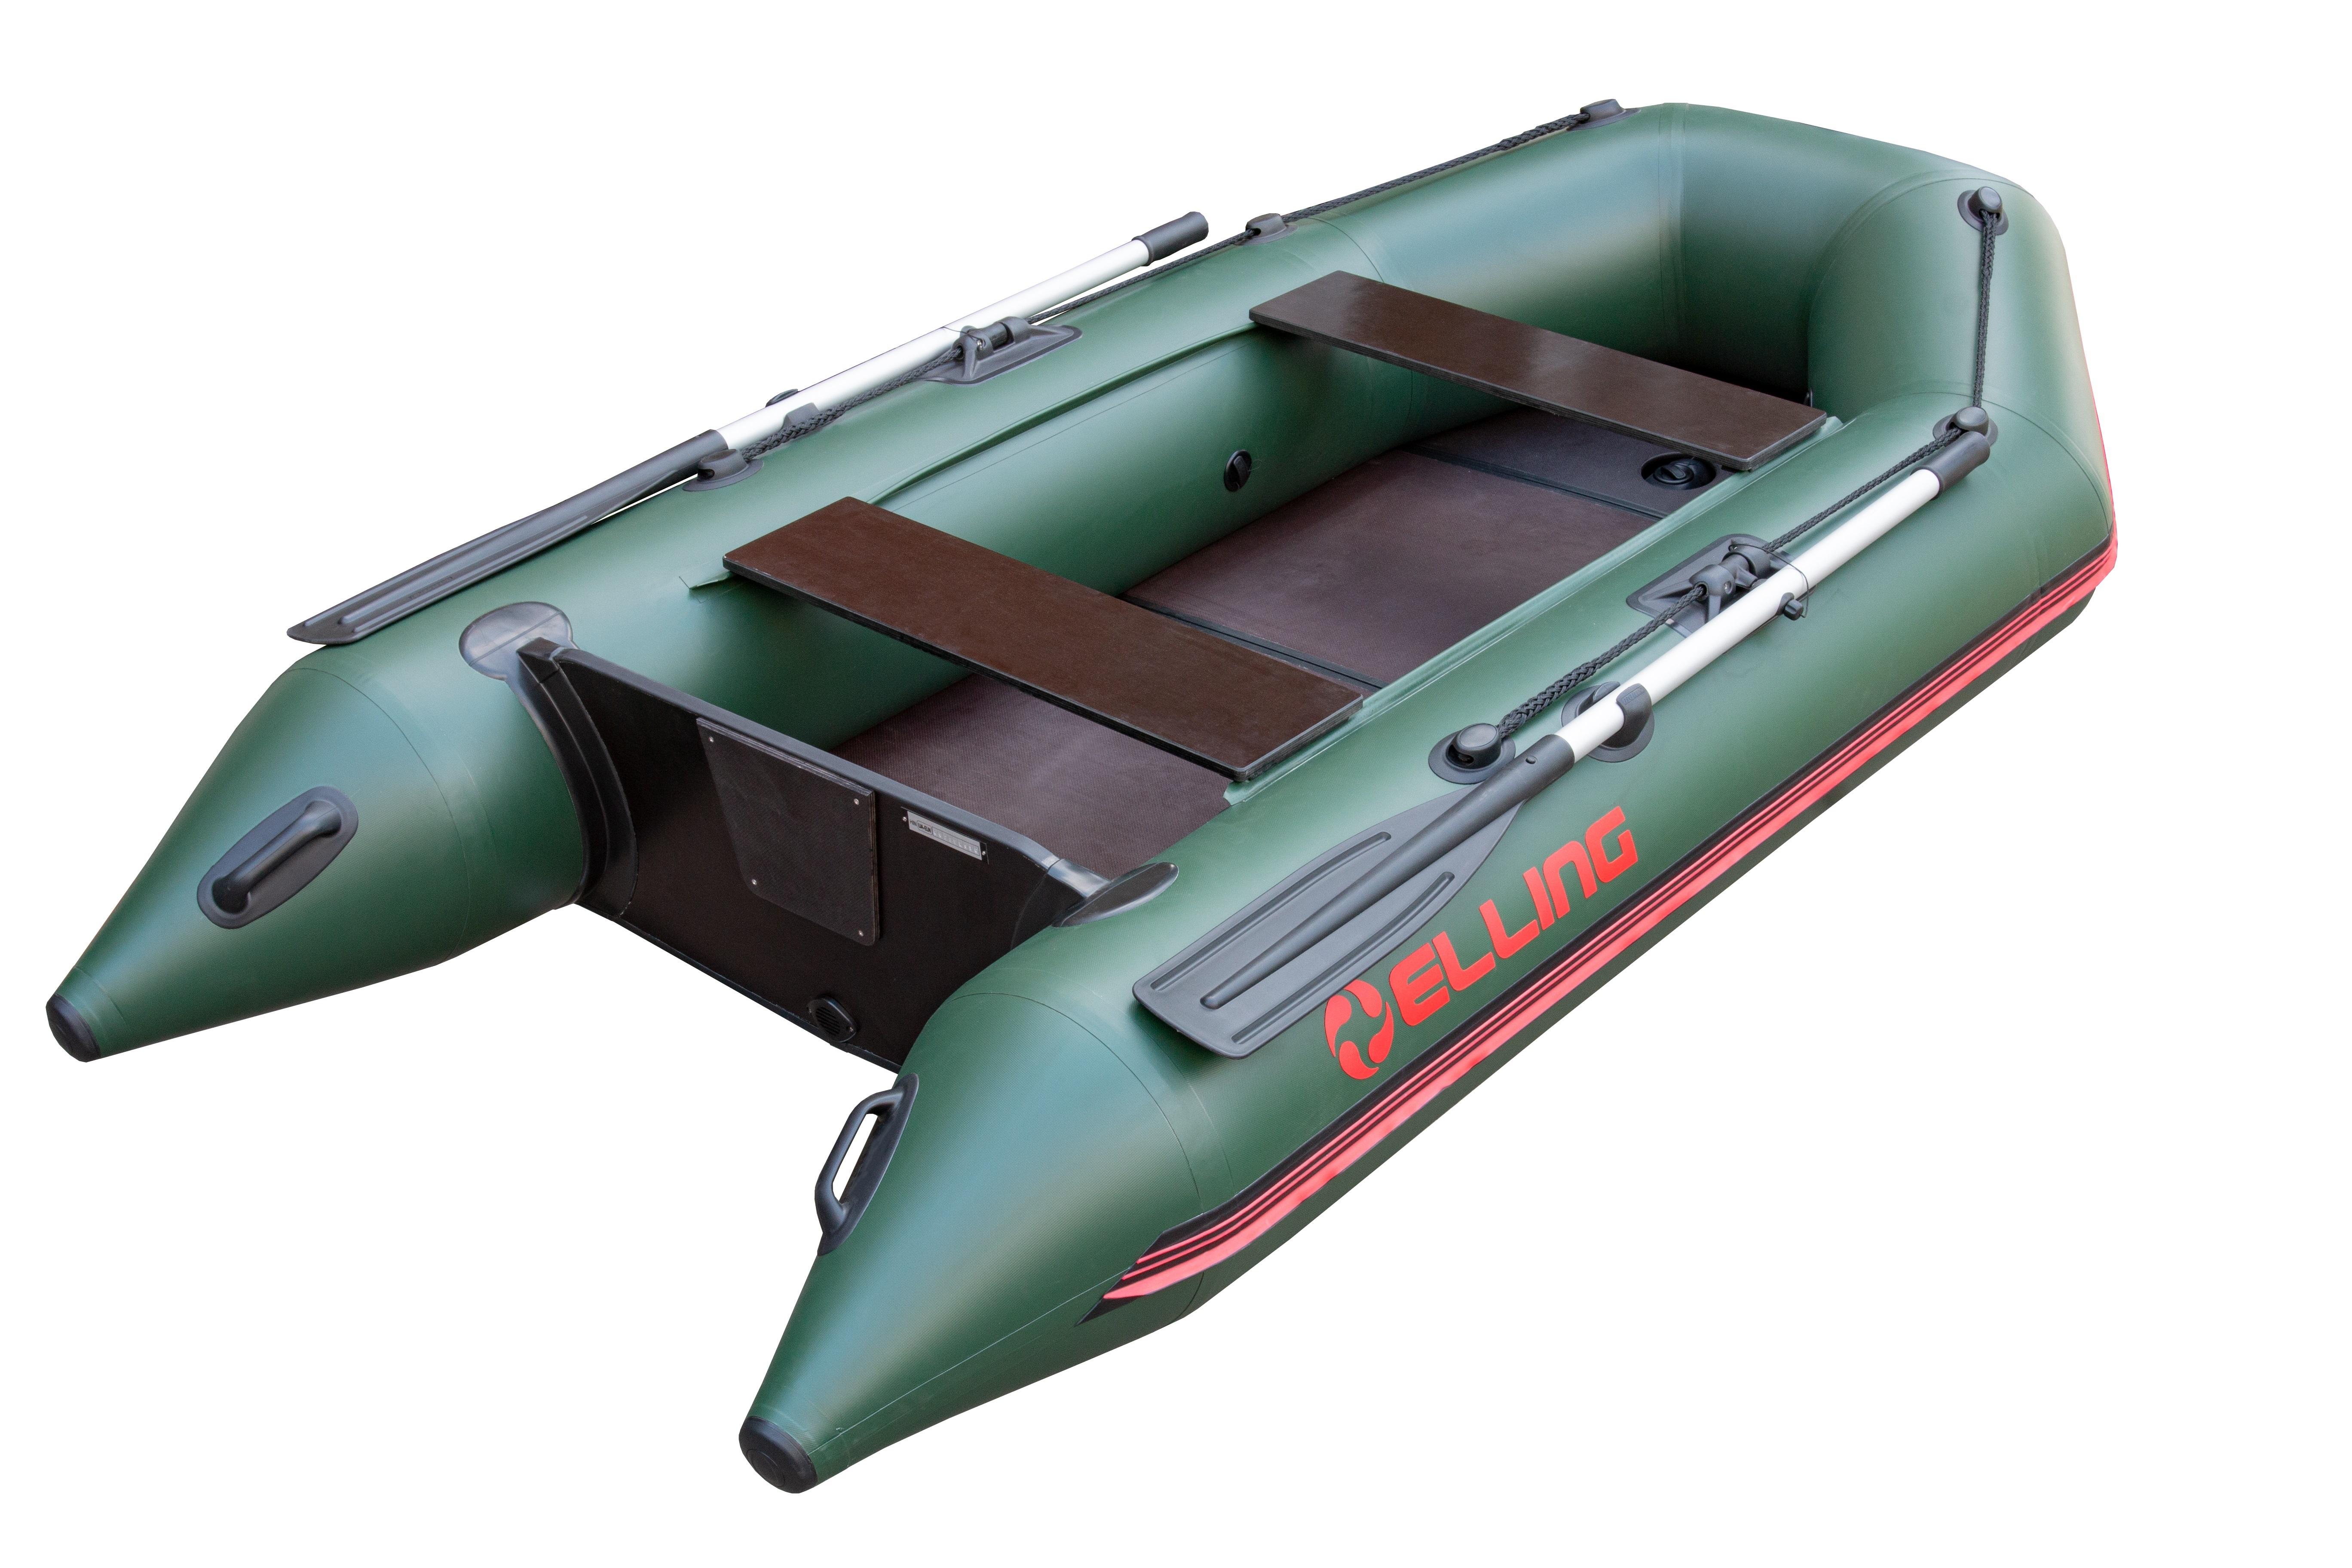 Nafukovací čluny Elling - Patriot 270 s pevnou skládací podlahou, zelený